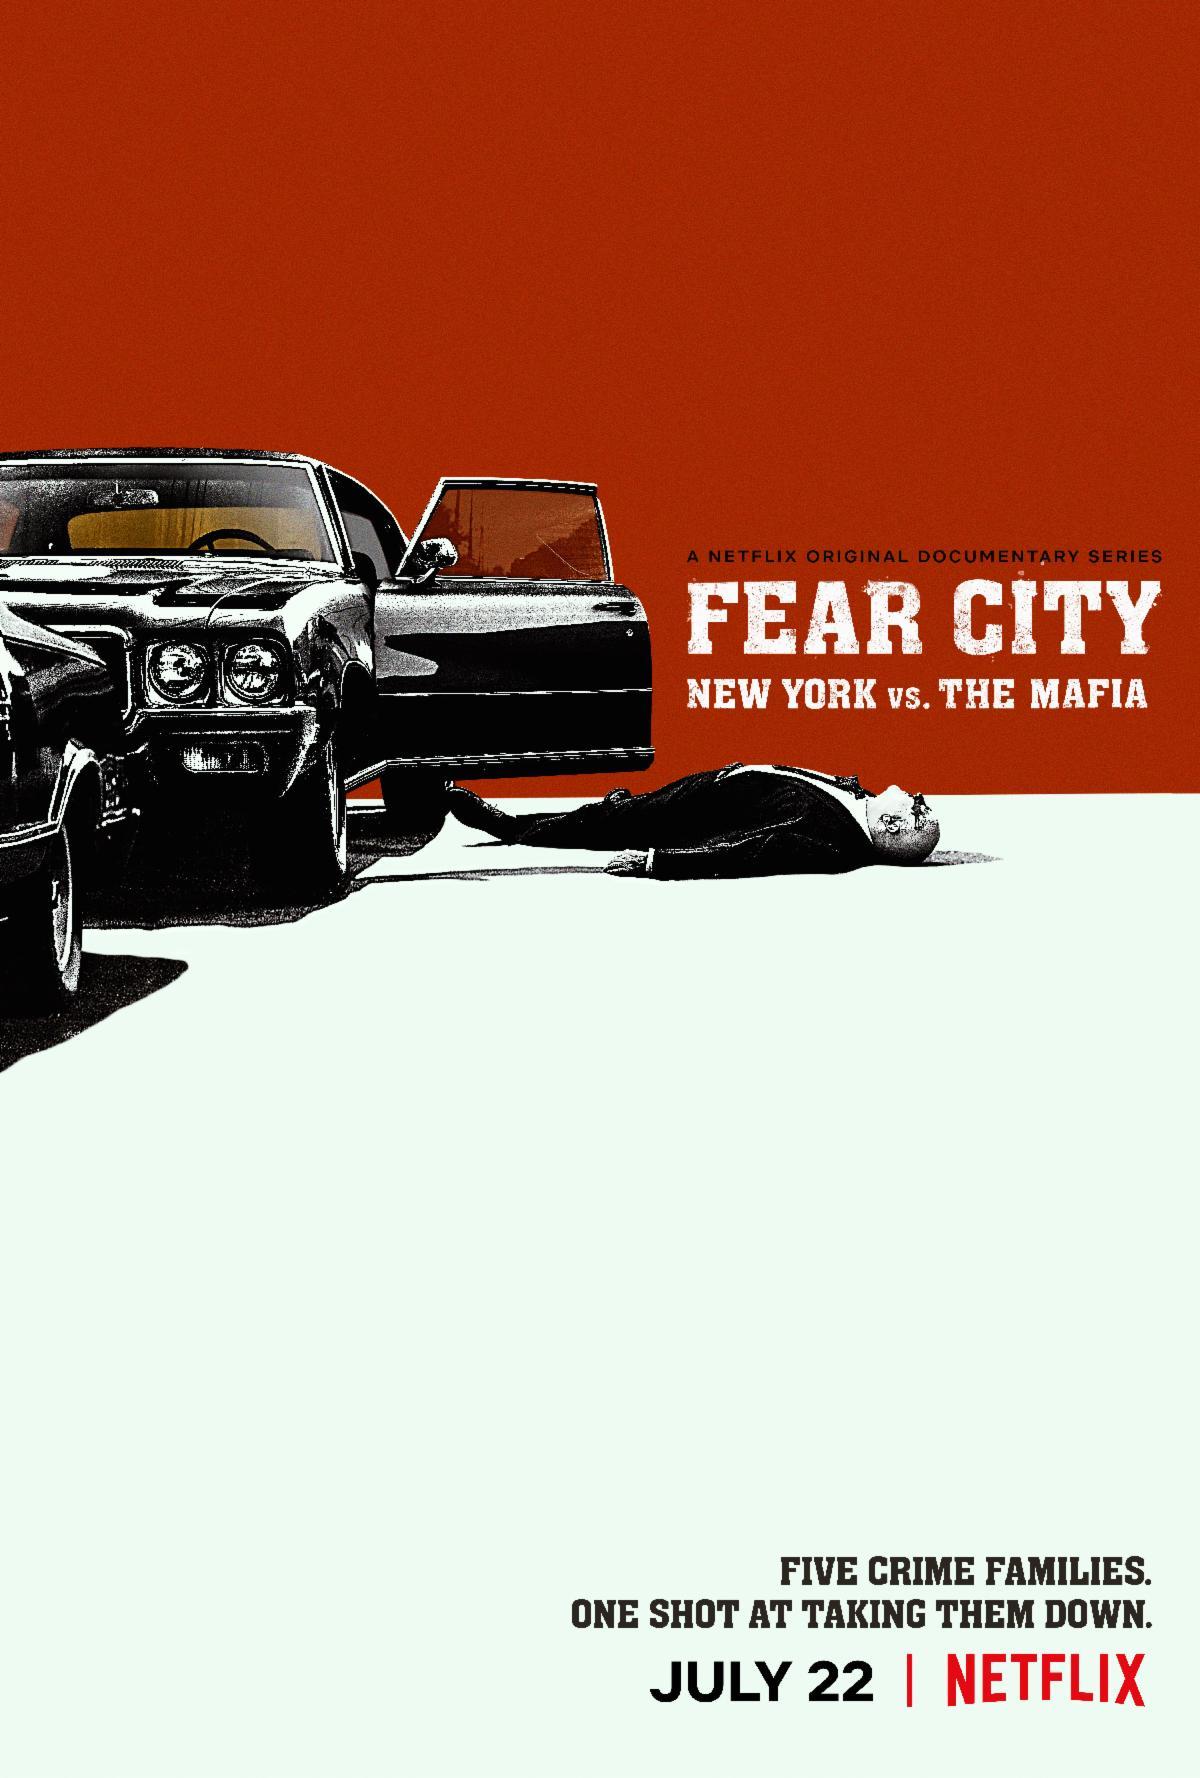 รีวิวเรื่อง FEAR CITY: NEW YORK VS THE MAFIA (2020)